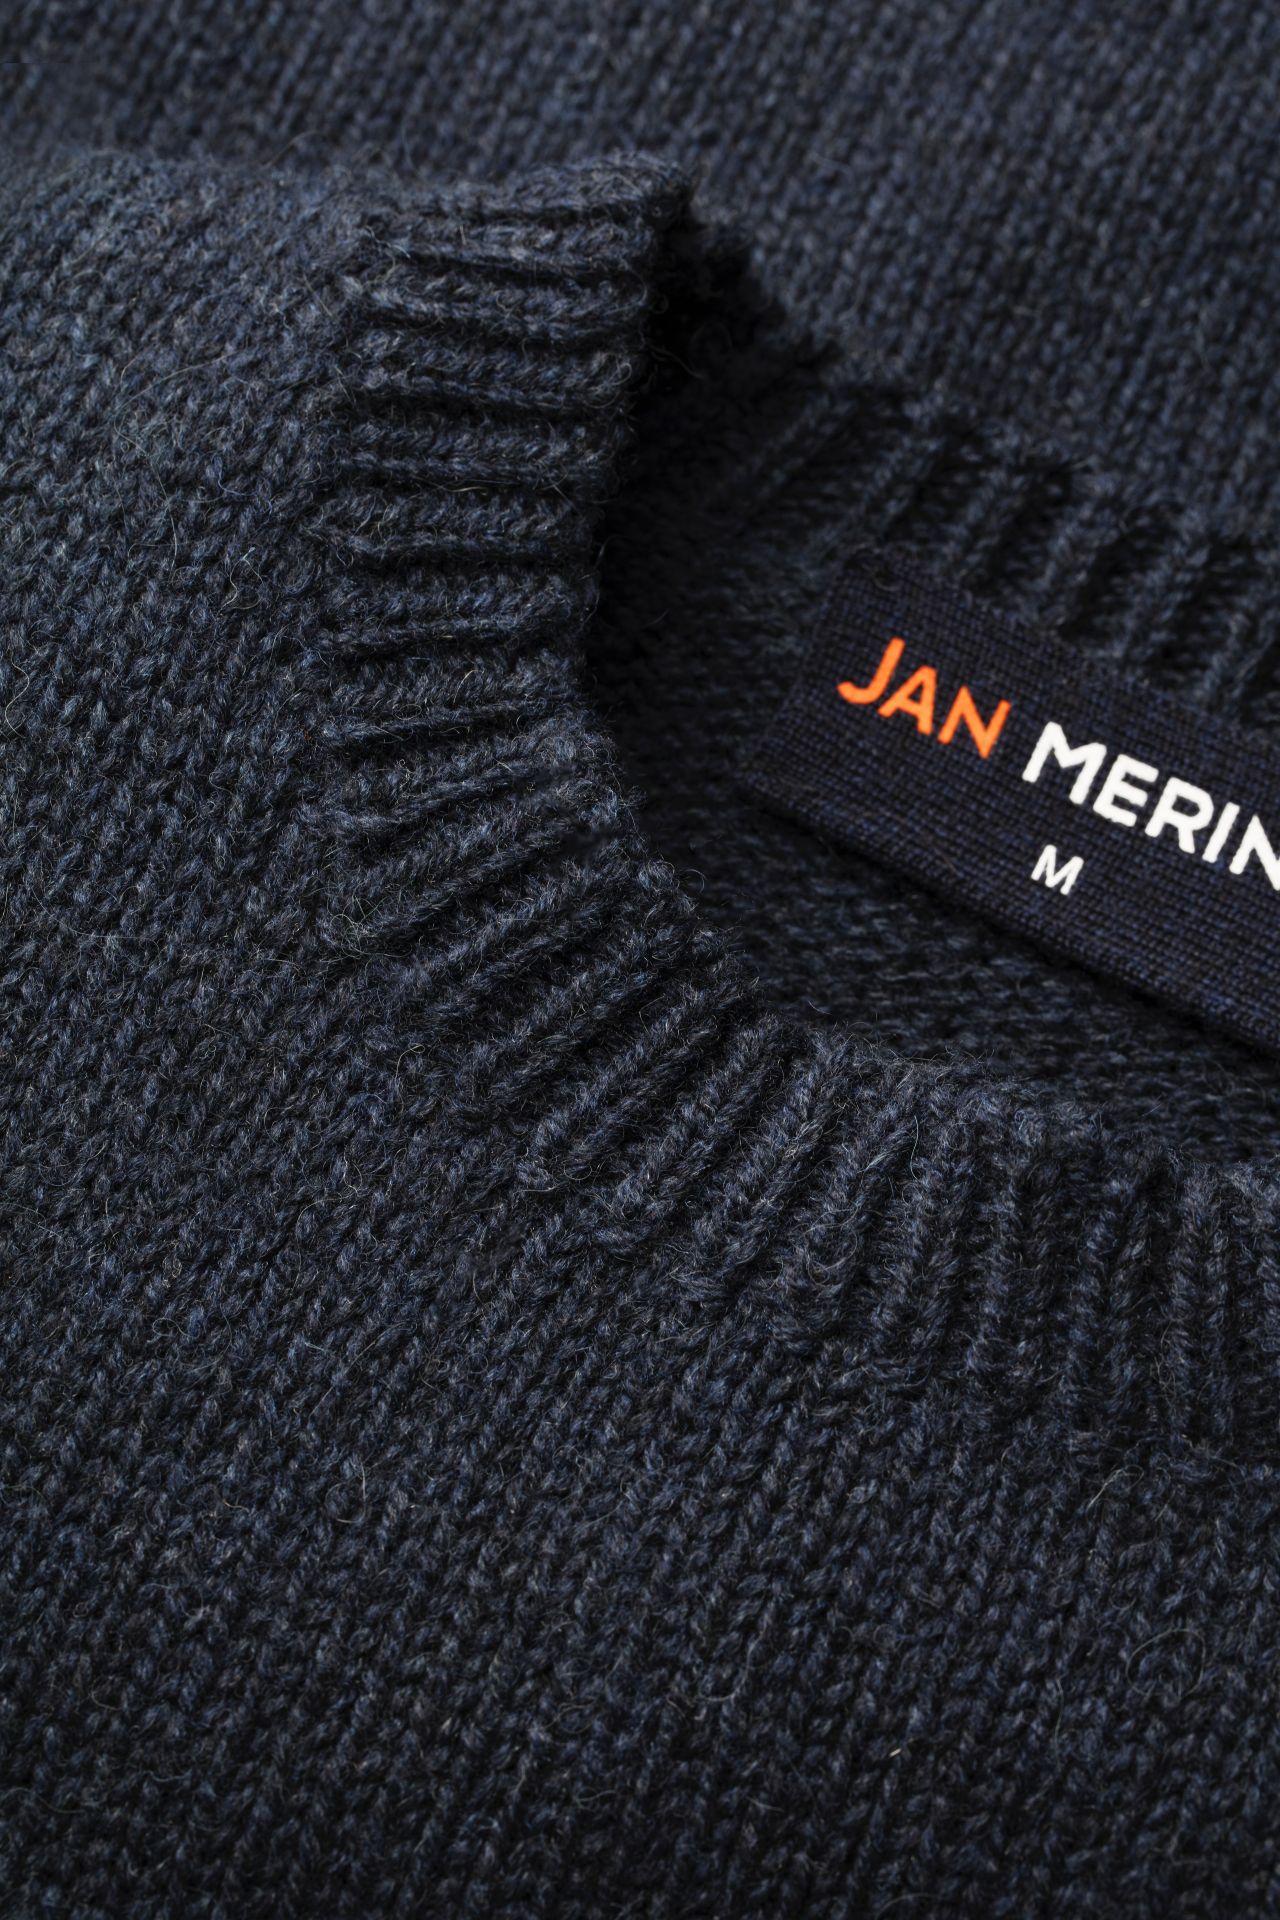 Joe Merino sweater detail hals.